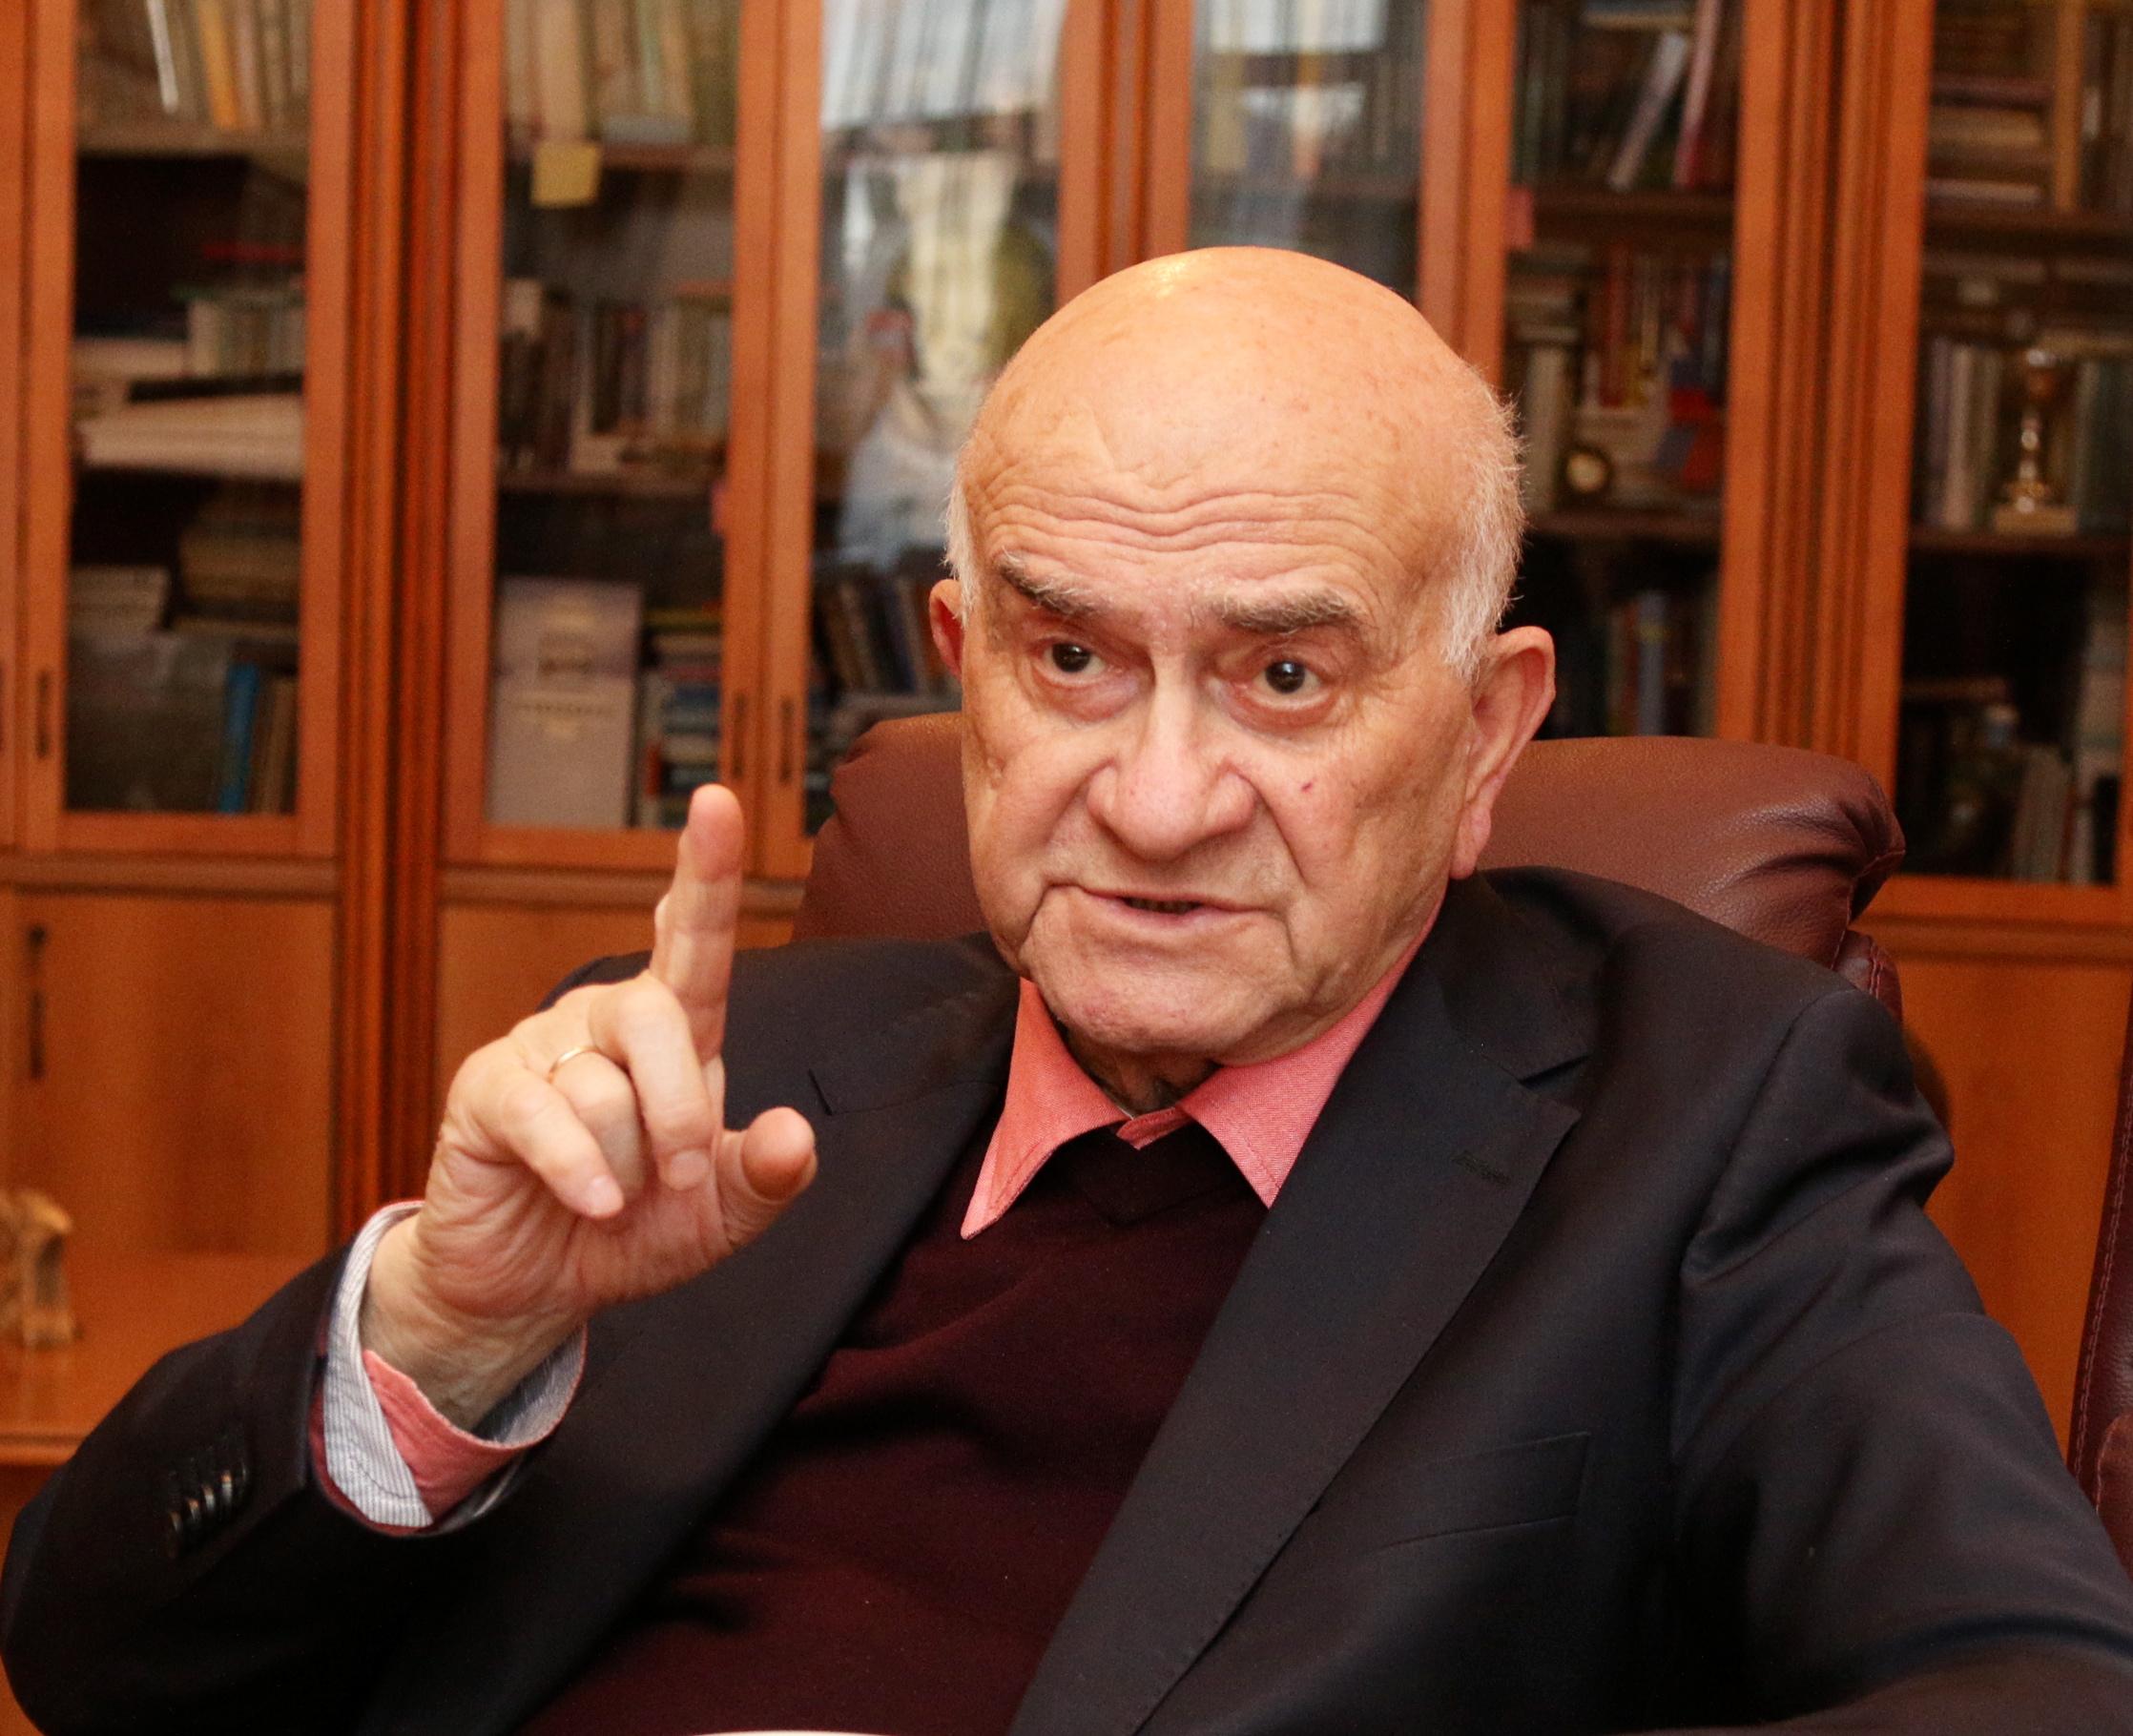 Евгений Ясин: «Быстрых и легких реформ не получится»